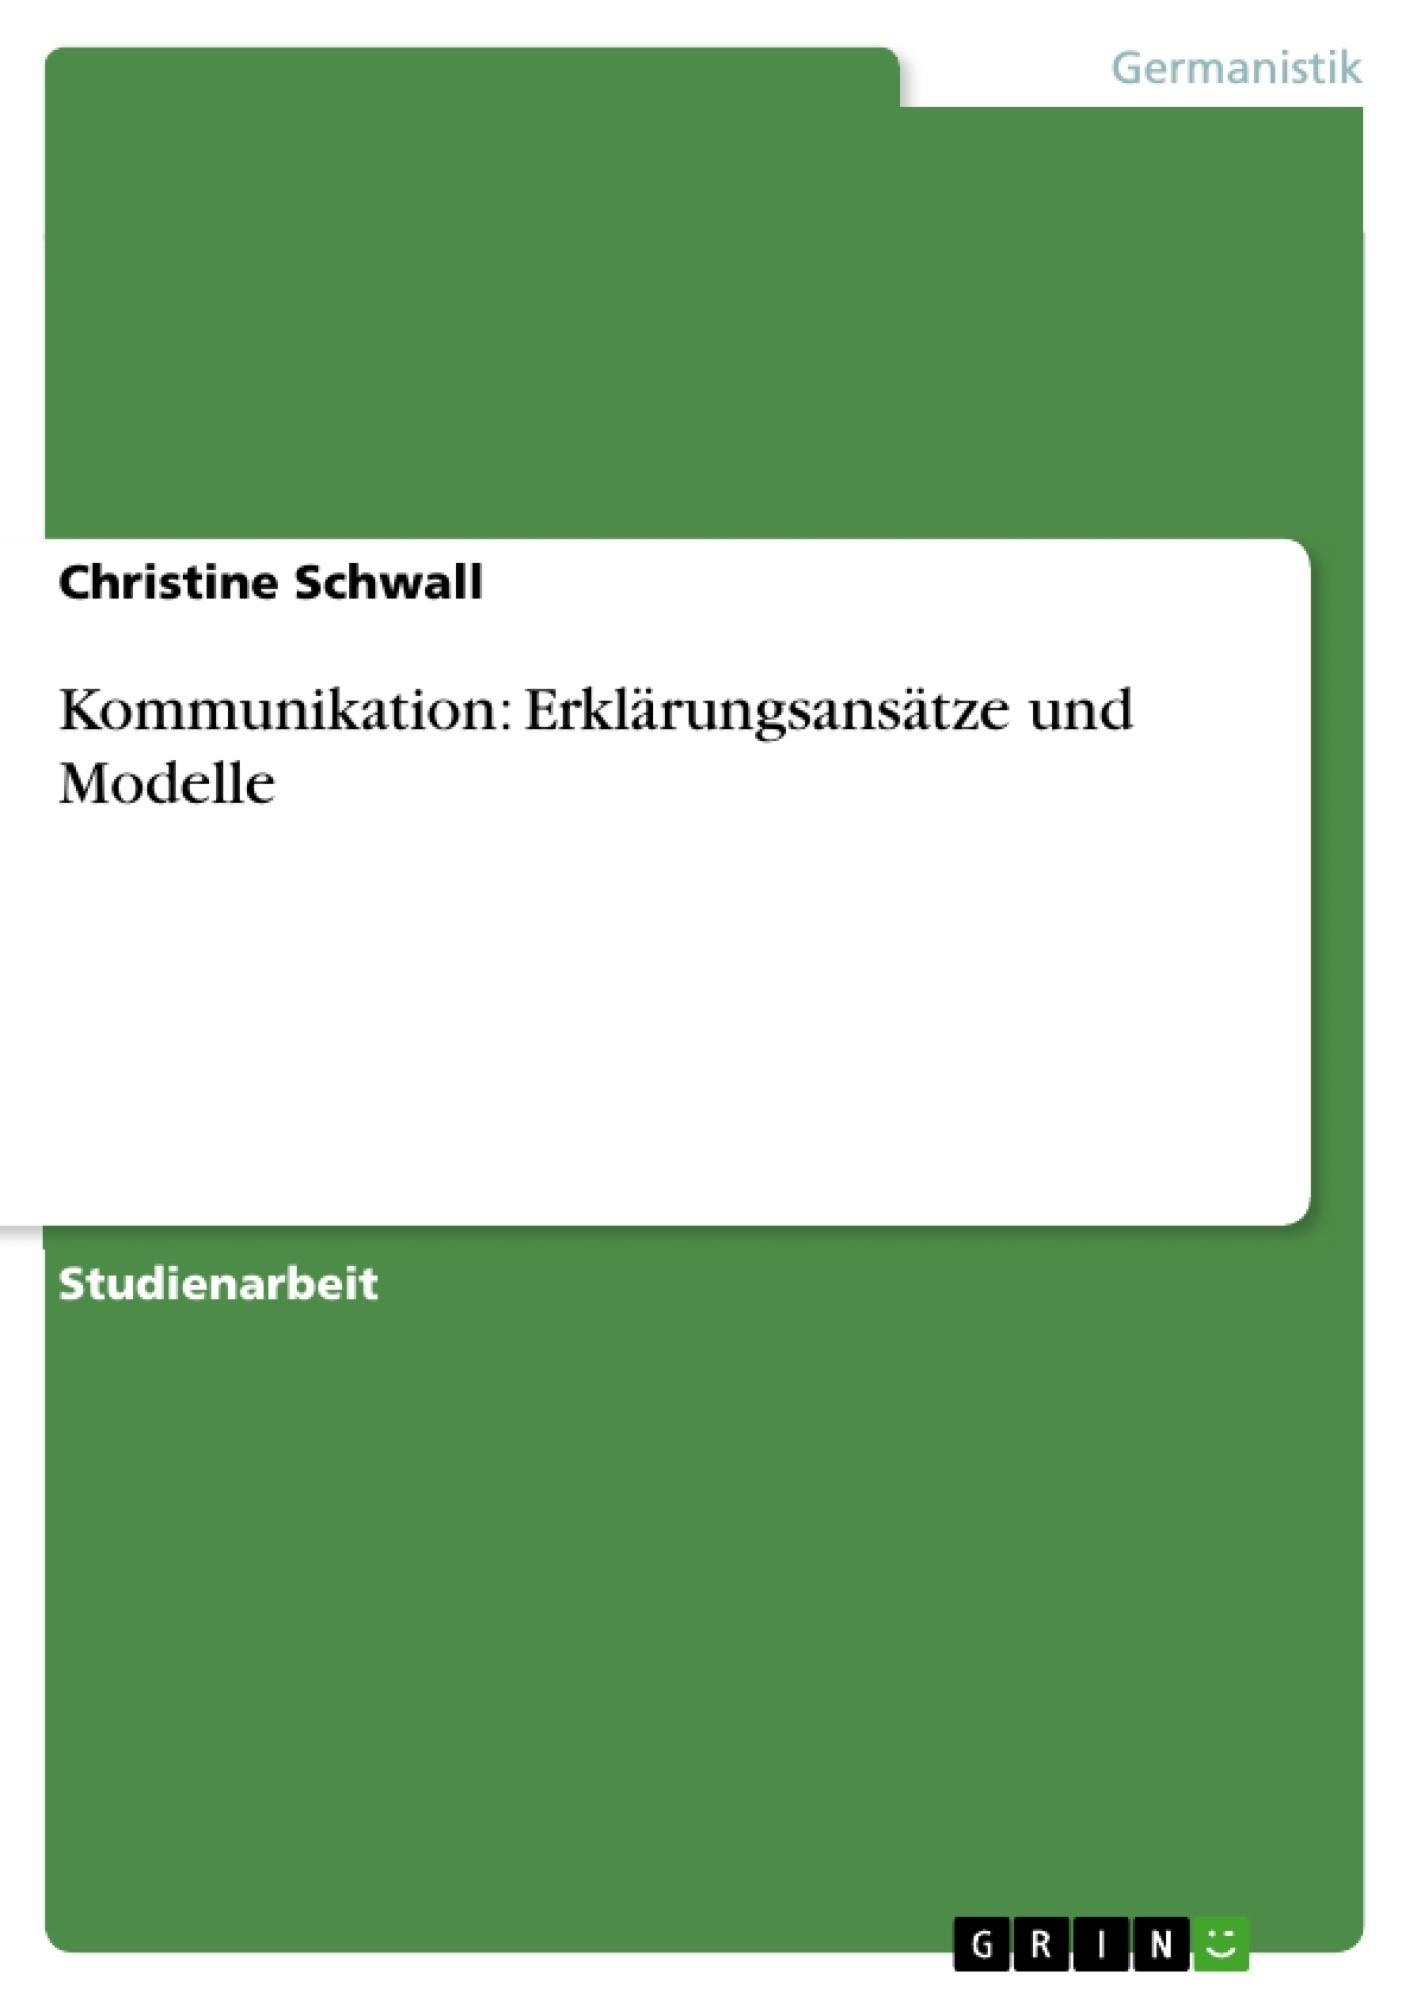 Titel: Kommunikation: Erklärungsansätze und Modelle